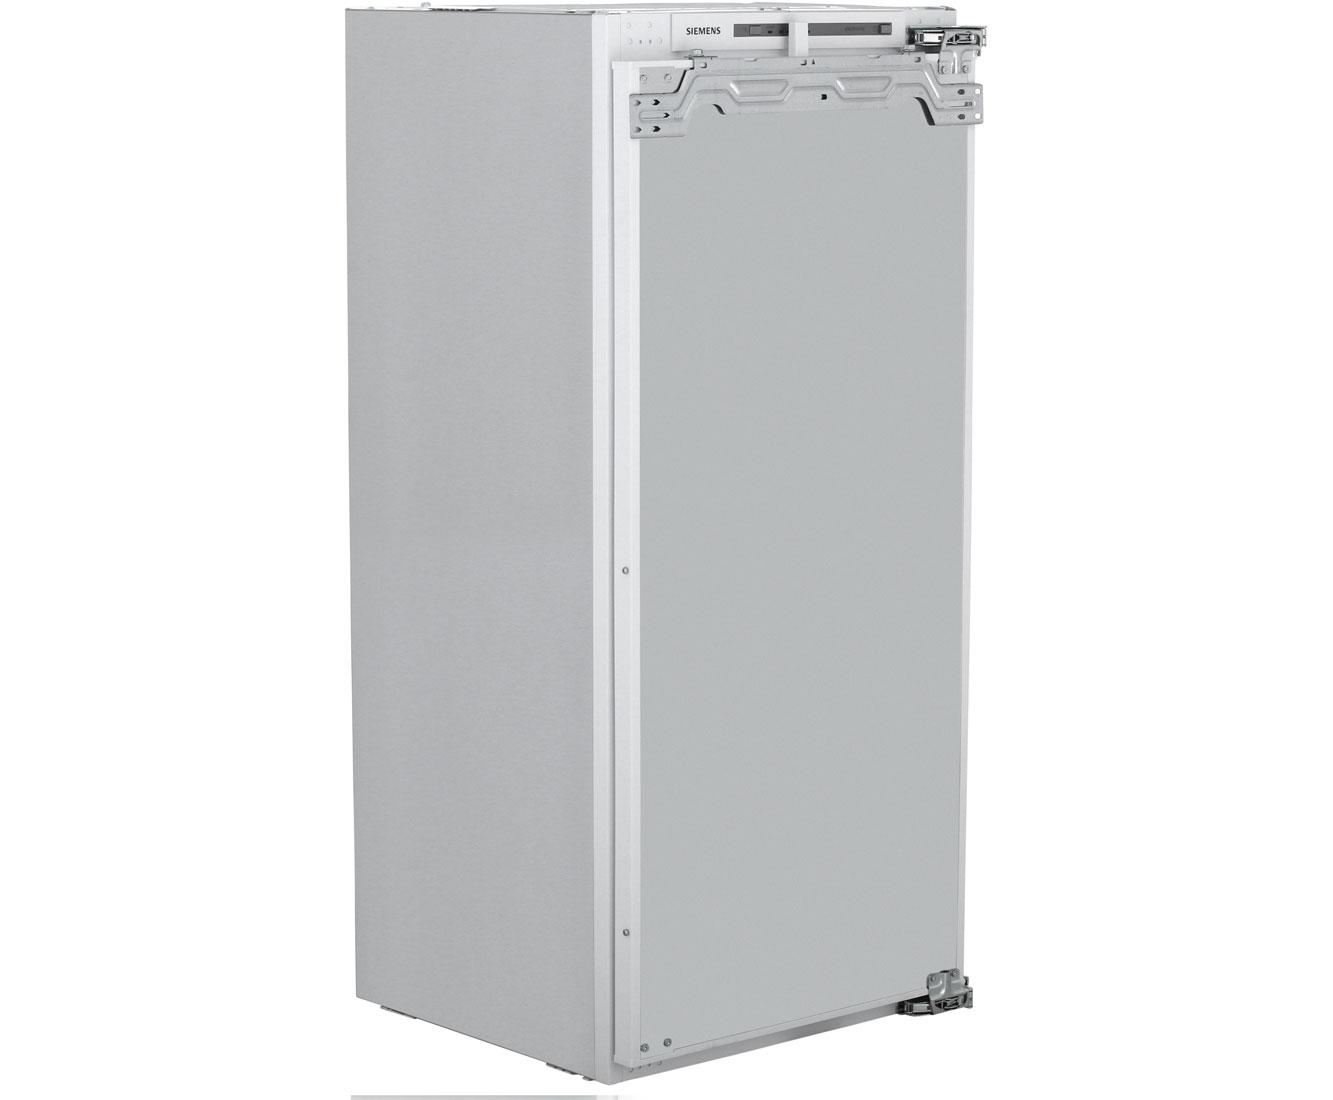 Siemens Kühlschrank Retro : Siemens iq300 ki42lvf30 einbau kühlschrank mit gefrierfach 122er